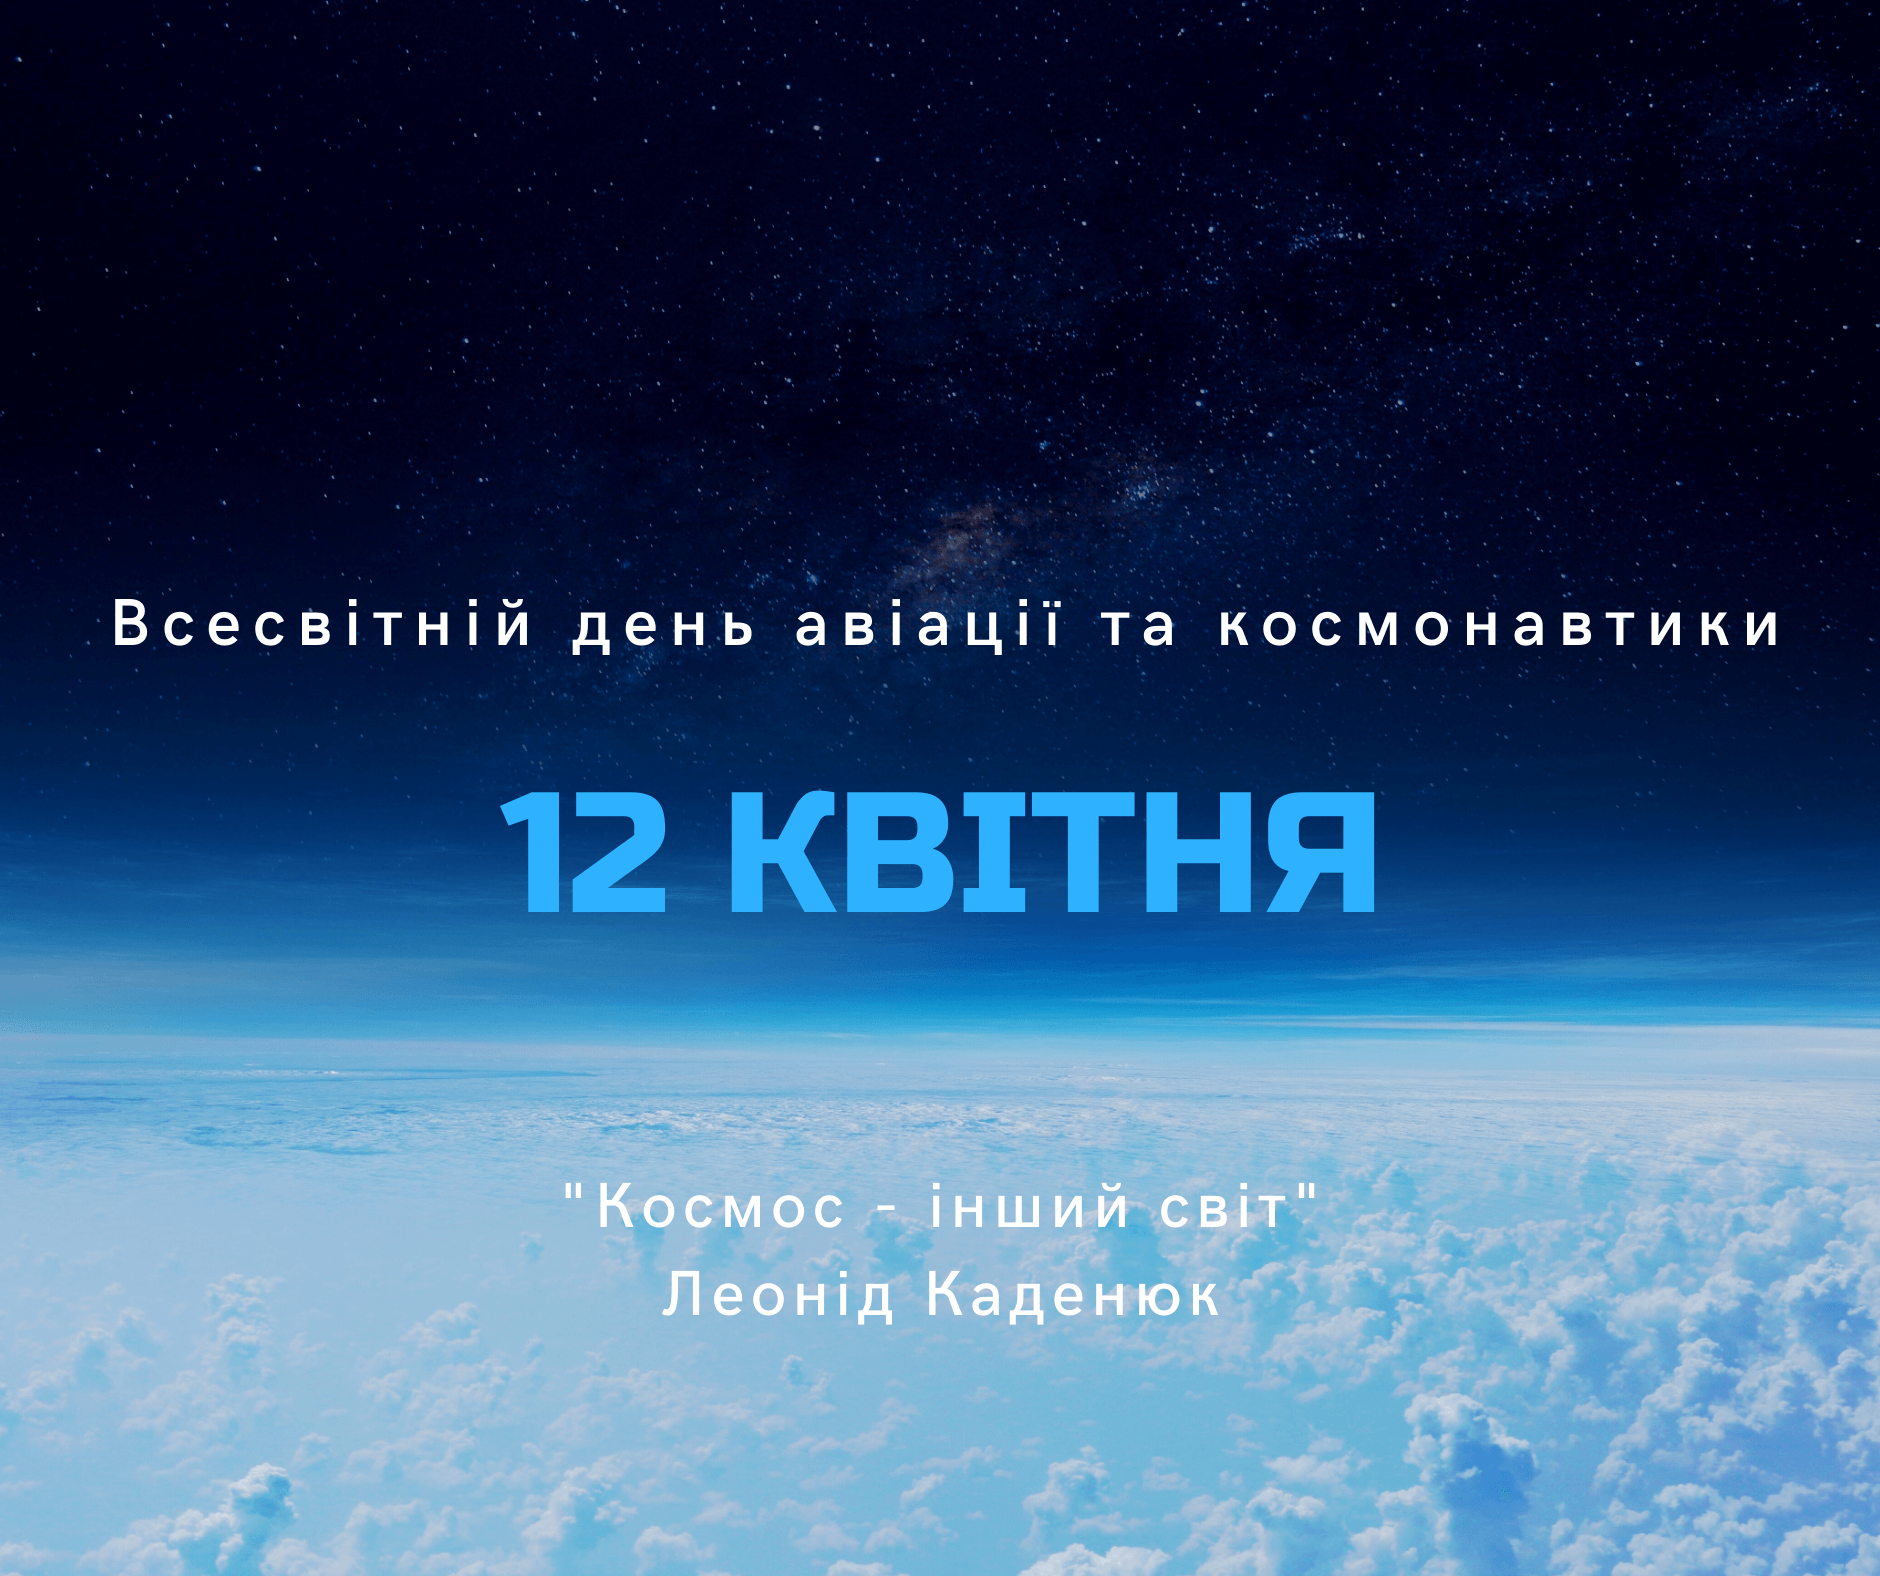 Сегодня Всемирный день авиации и космонавтики!